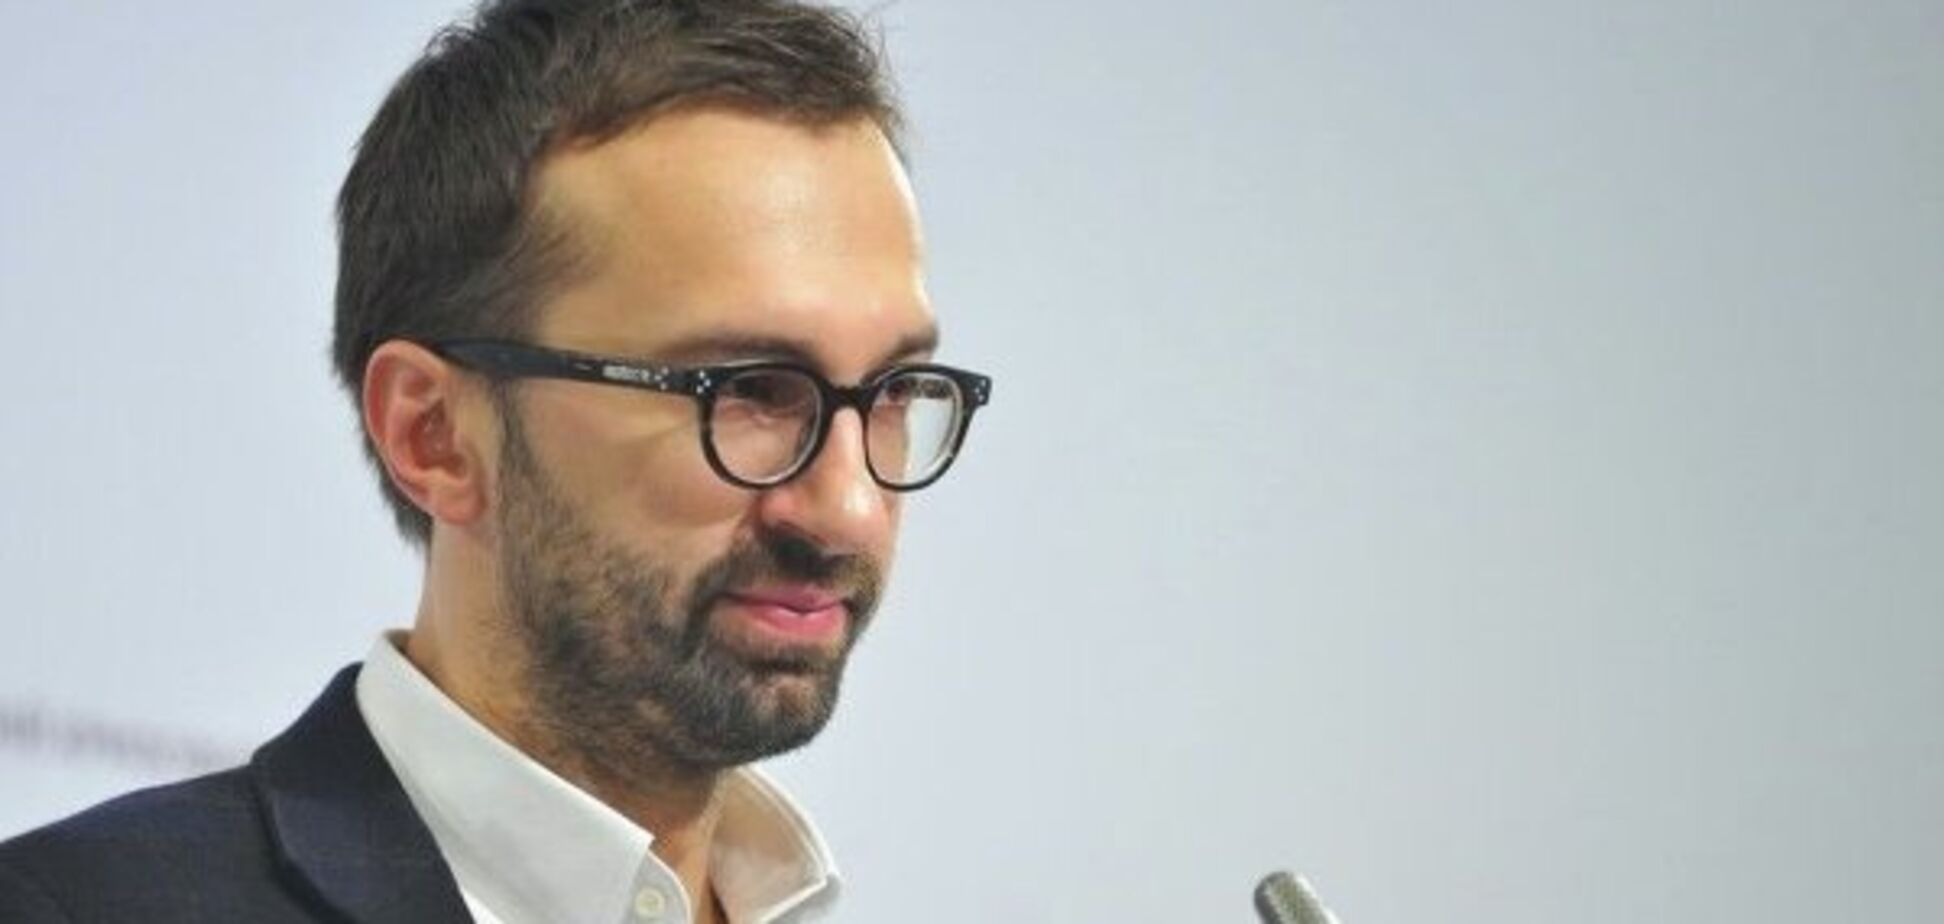 Лещенко после проигранного суда распространяет ложь об Иванющенко - адвокат